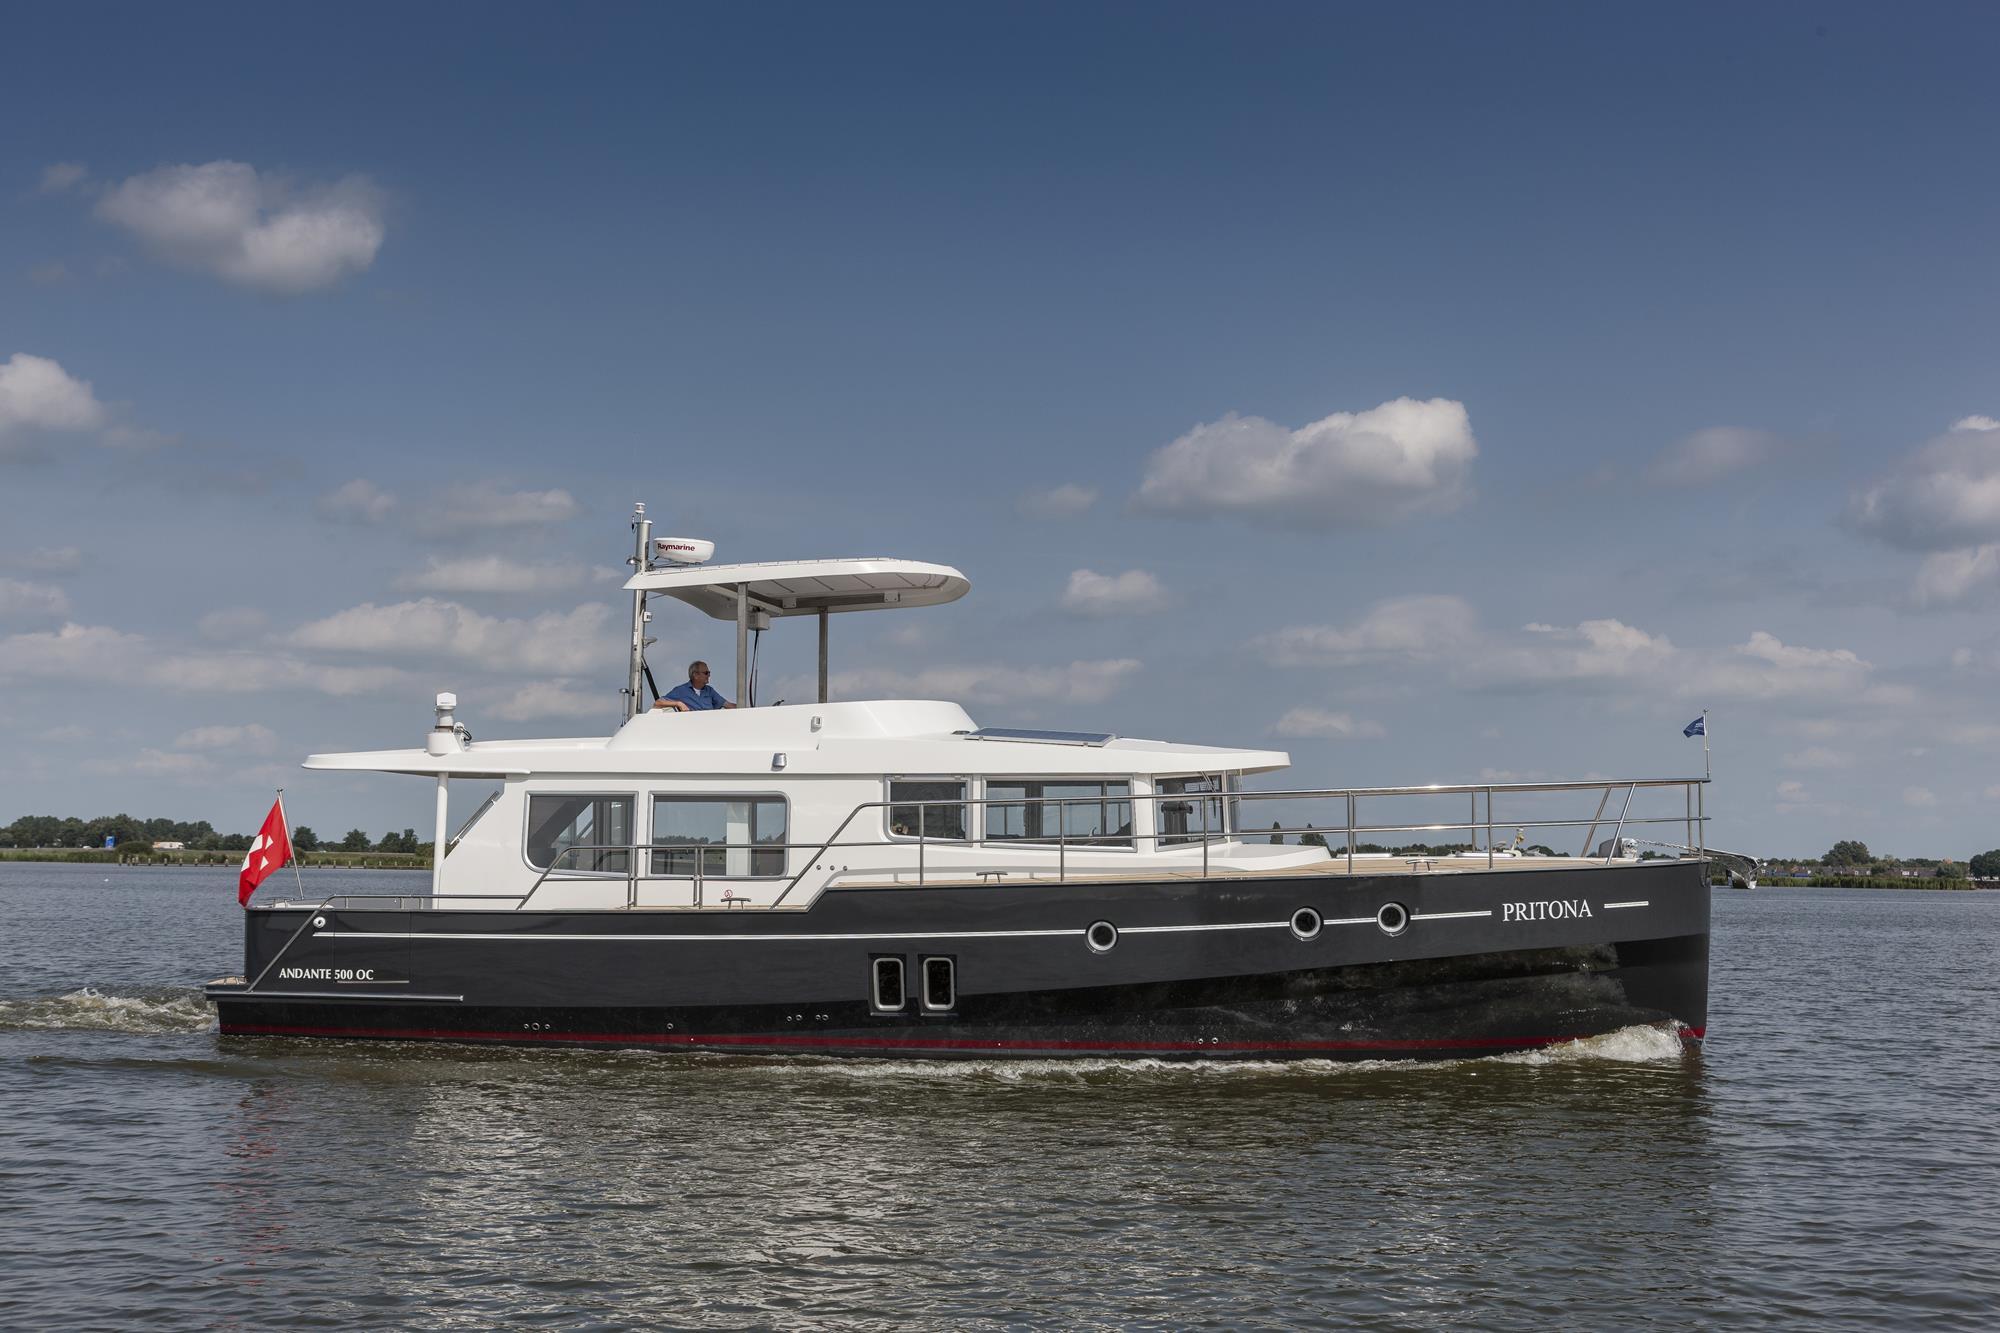 Andante 500OC Aquanaut Willem Nieland Design